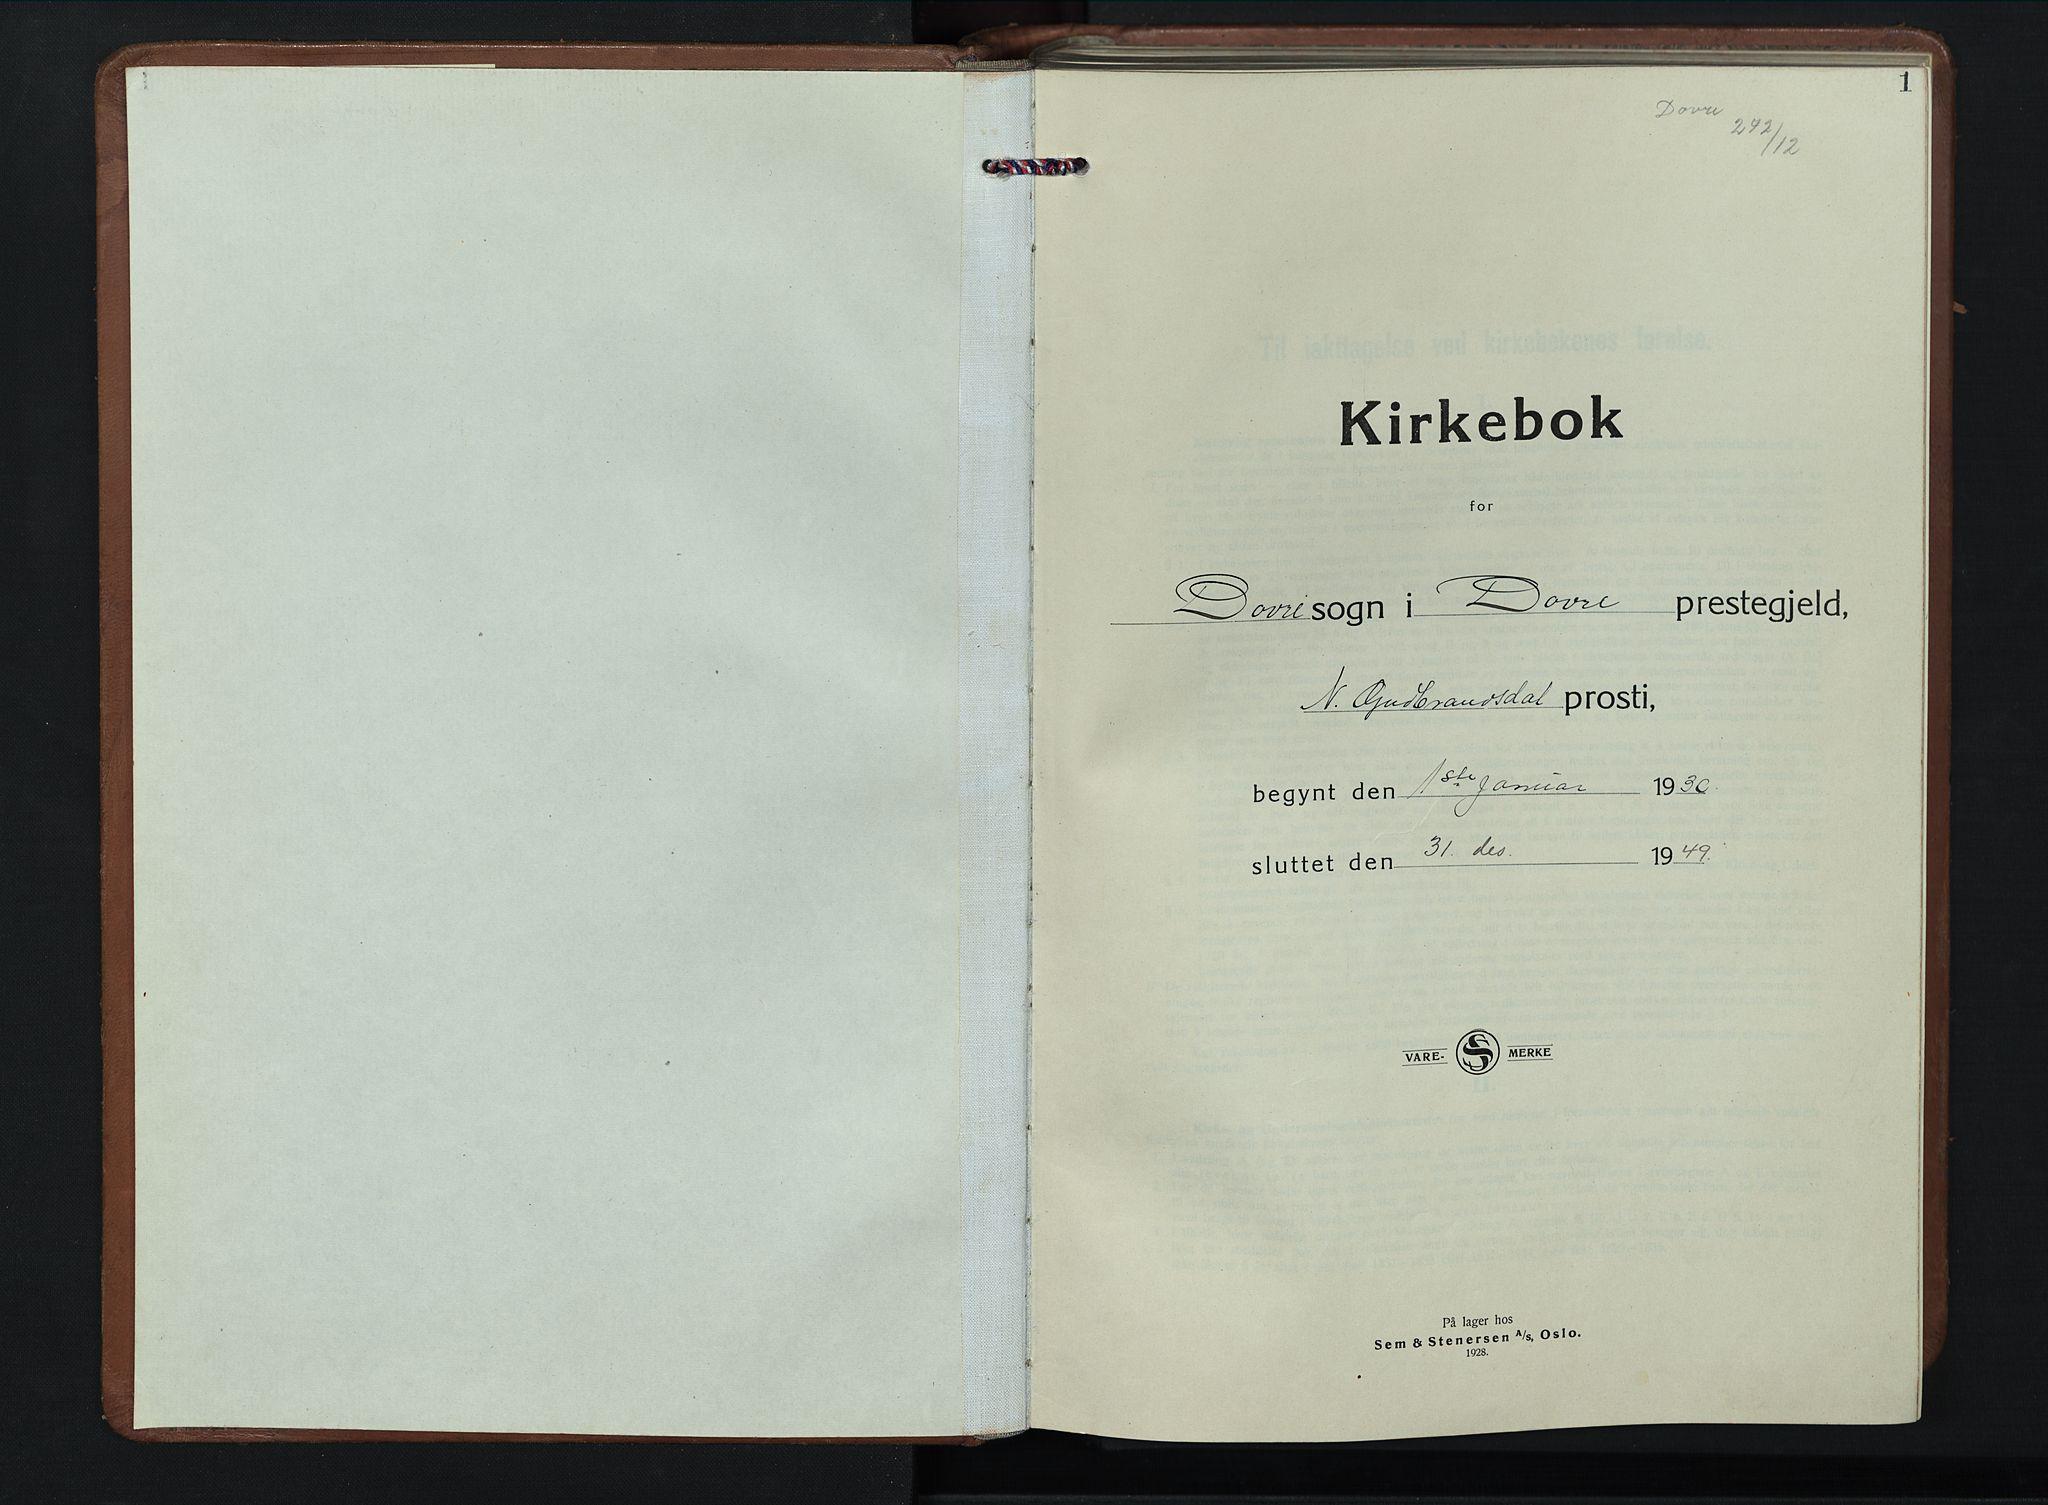 SAH, Dovre prestekontor, Klokkerbok nr. 4, 1926-1949, s. 1